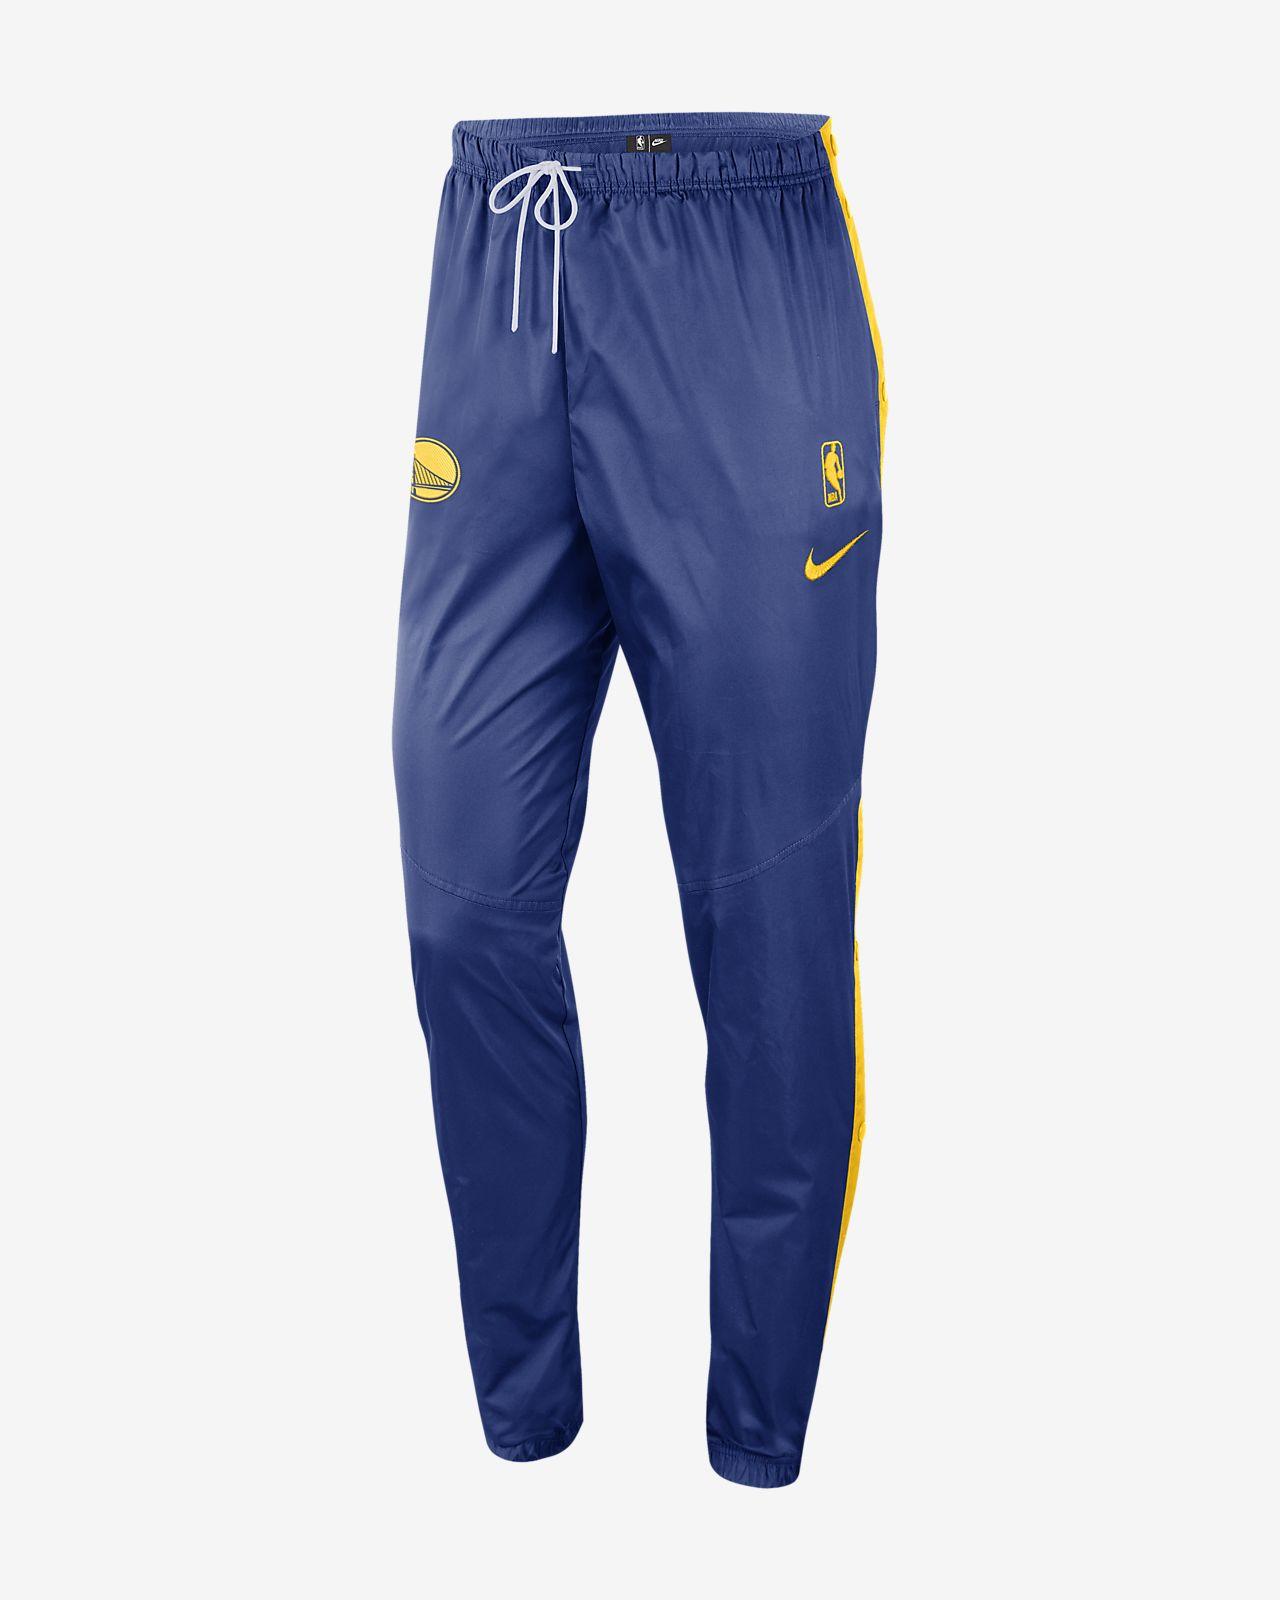 Golden State Warriors Nike NBA-bukse til dame